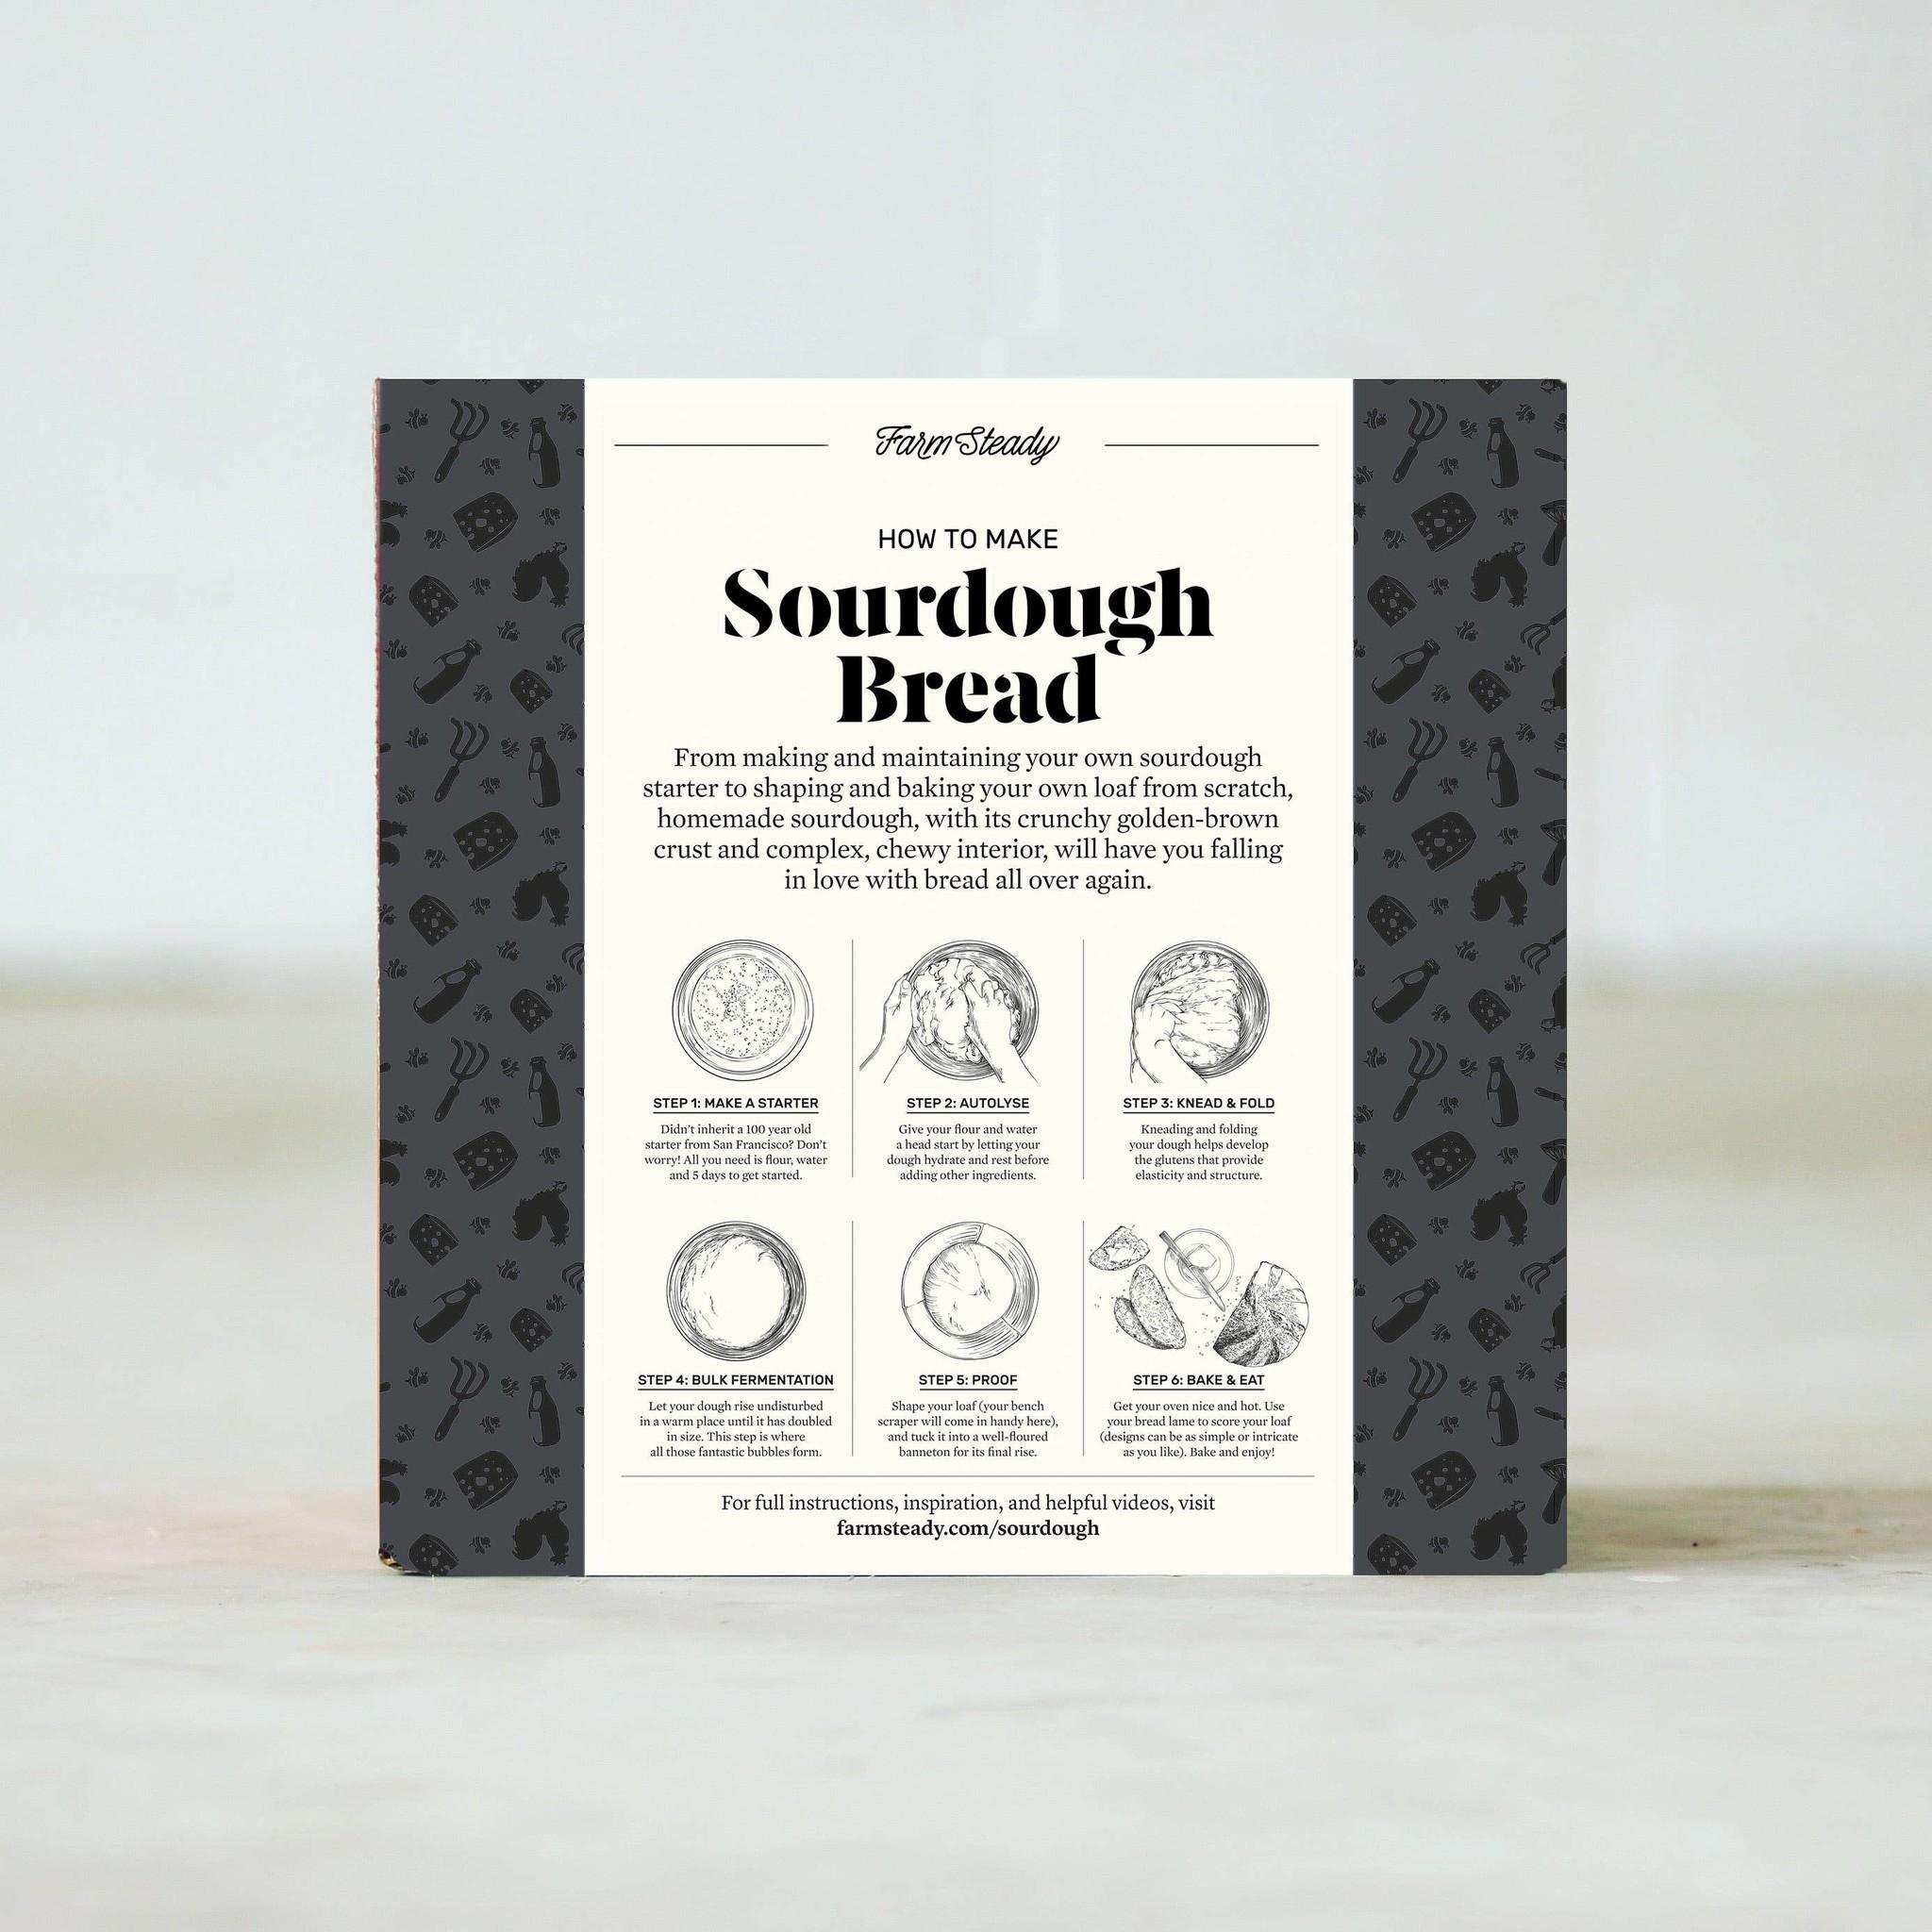 Farm Steady Sourdough Bread Making Kit